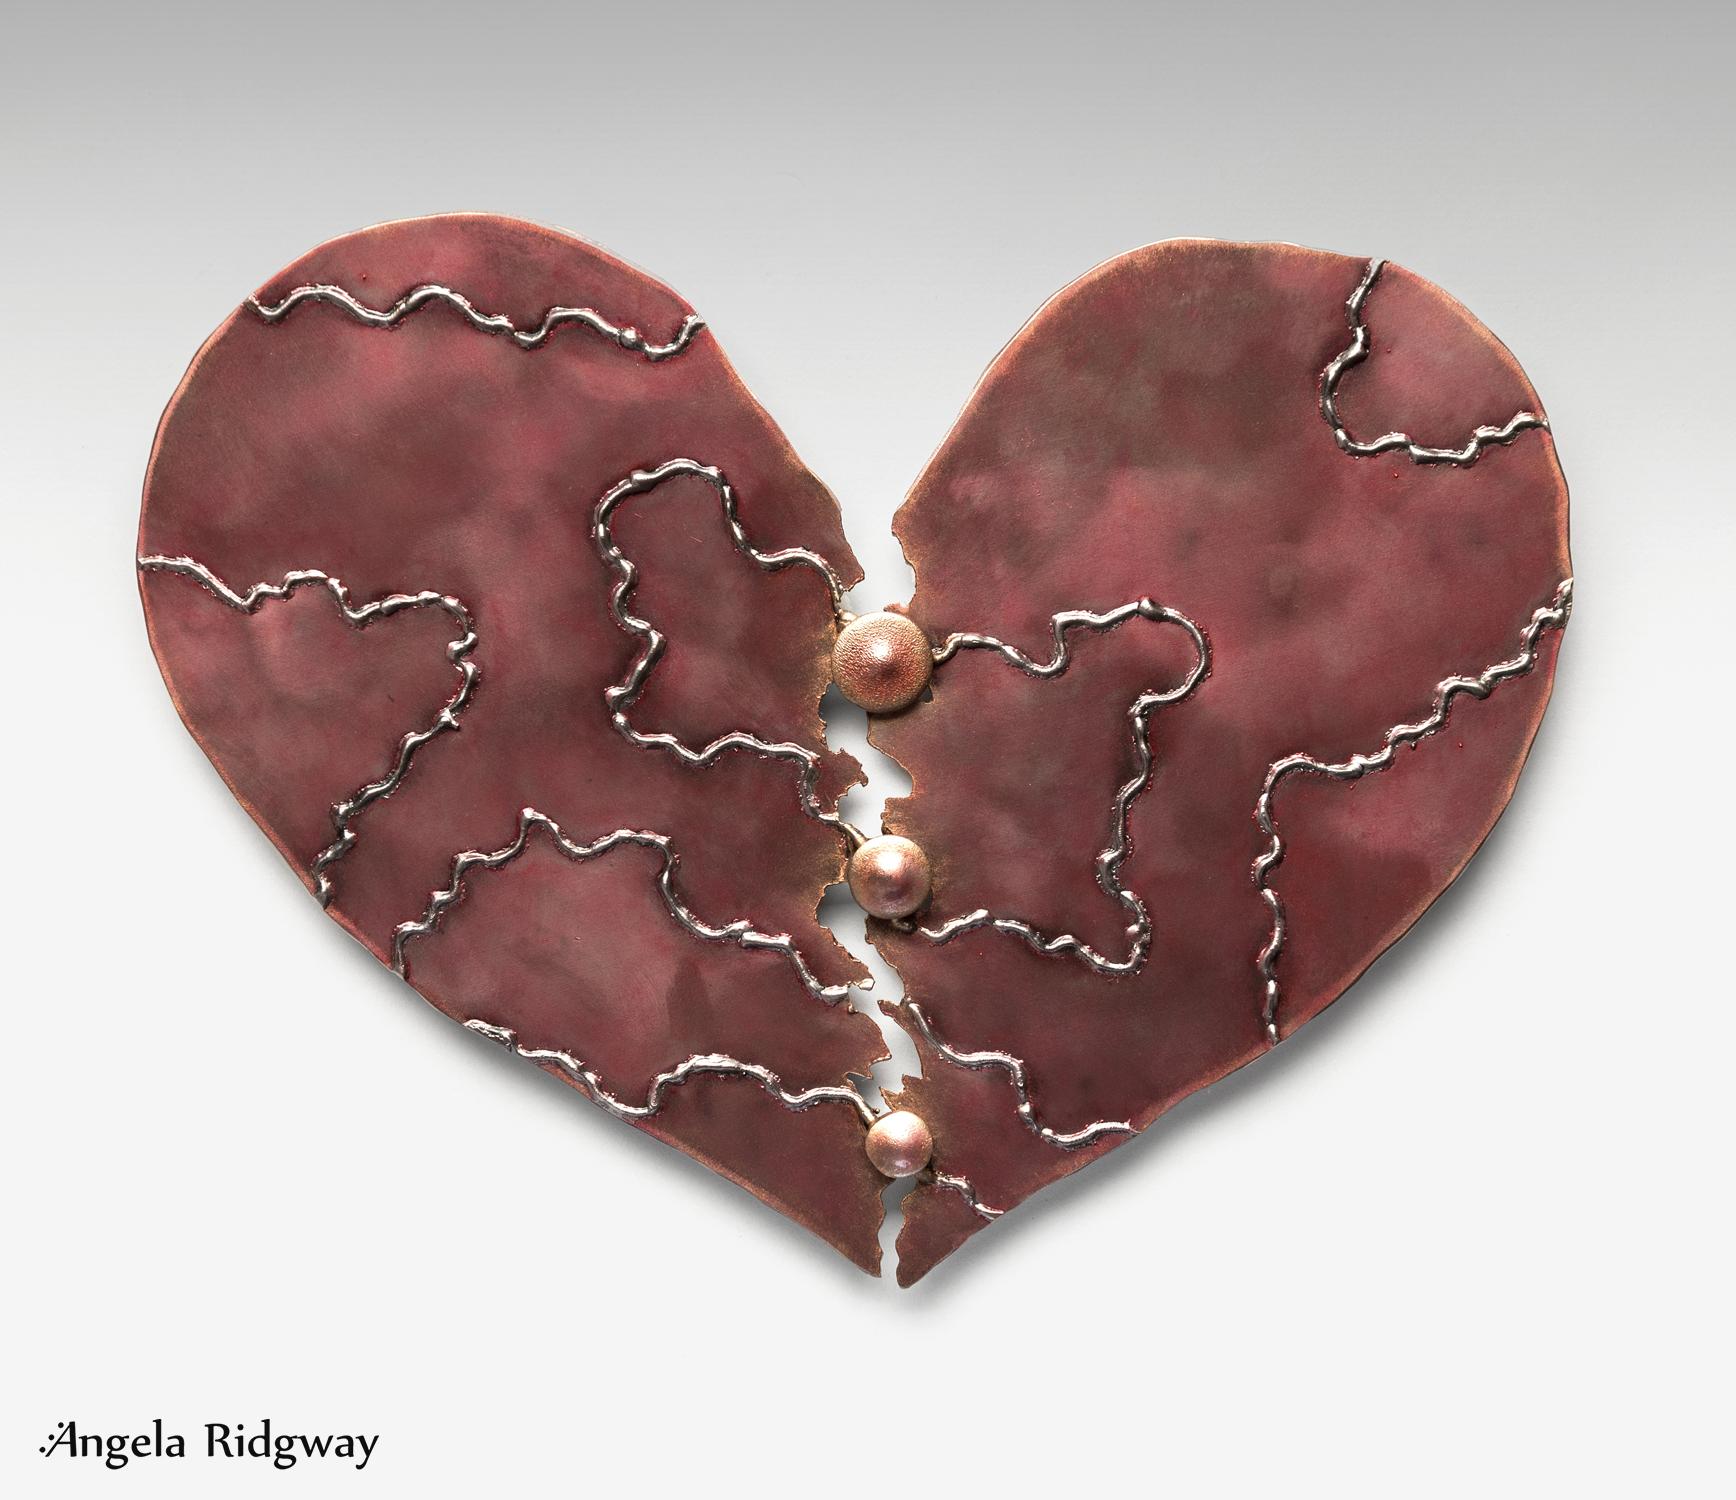 connections help heal your broken heart (1)